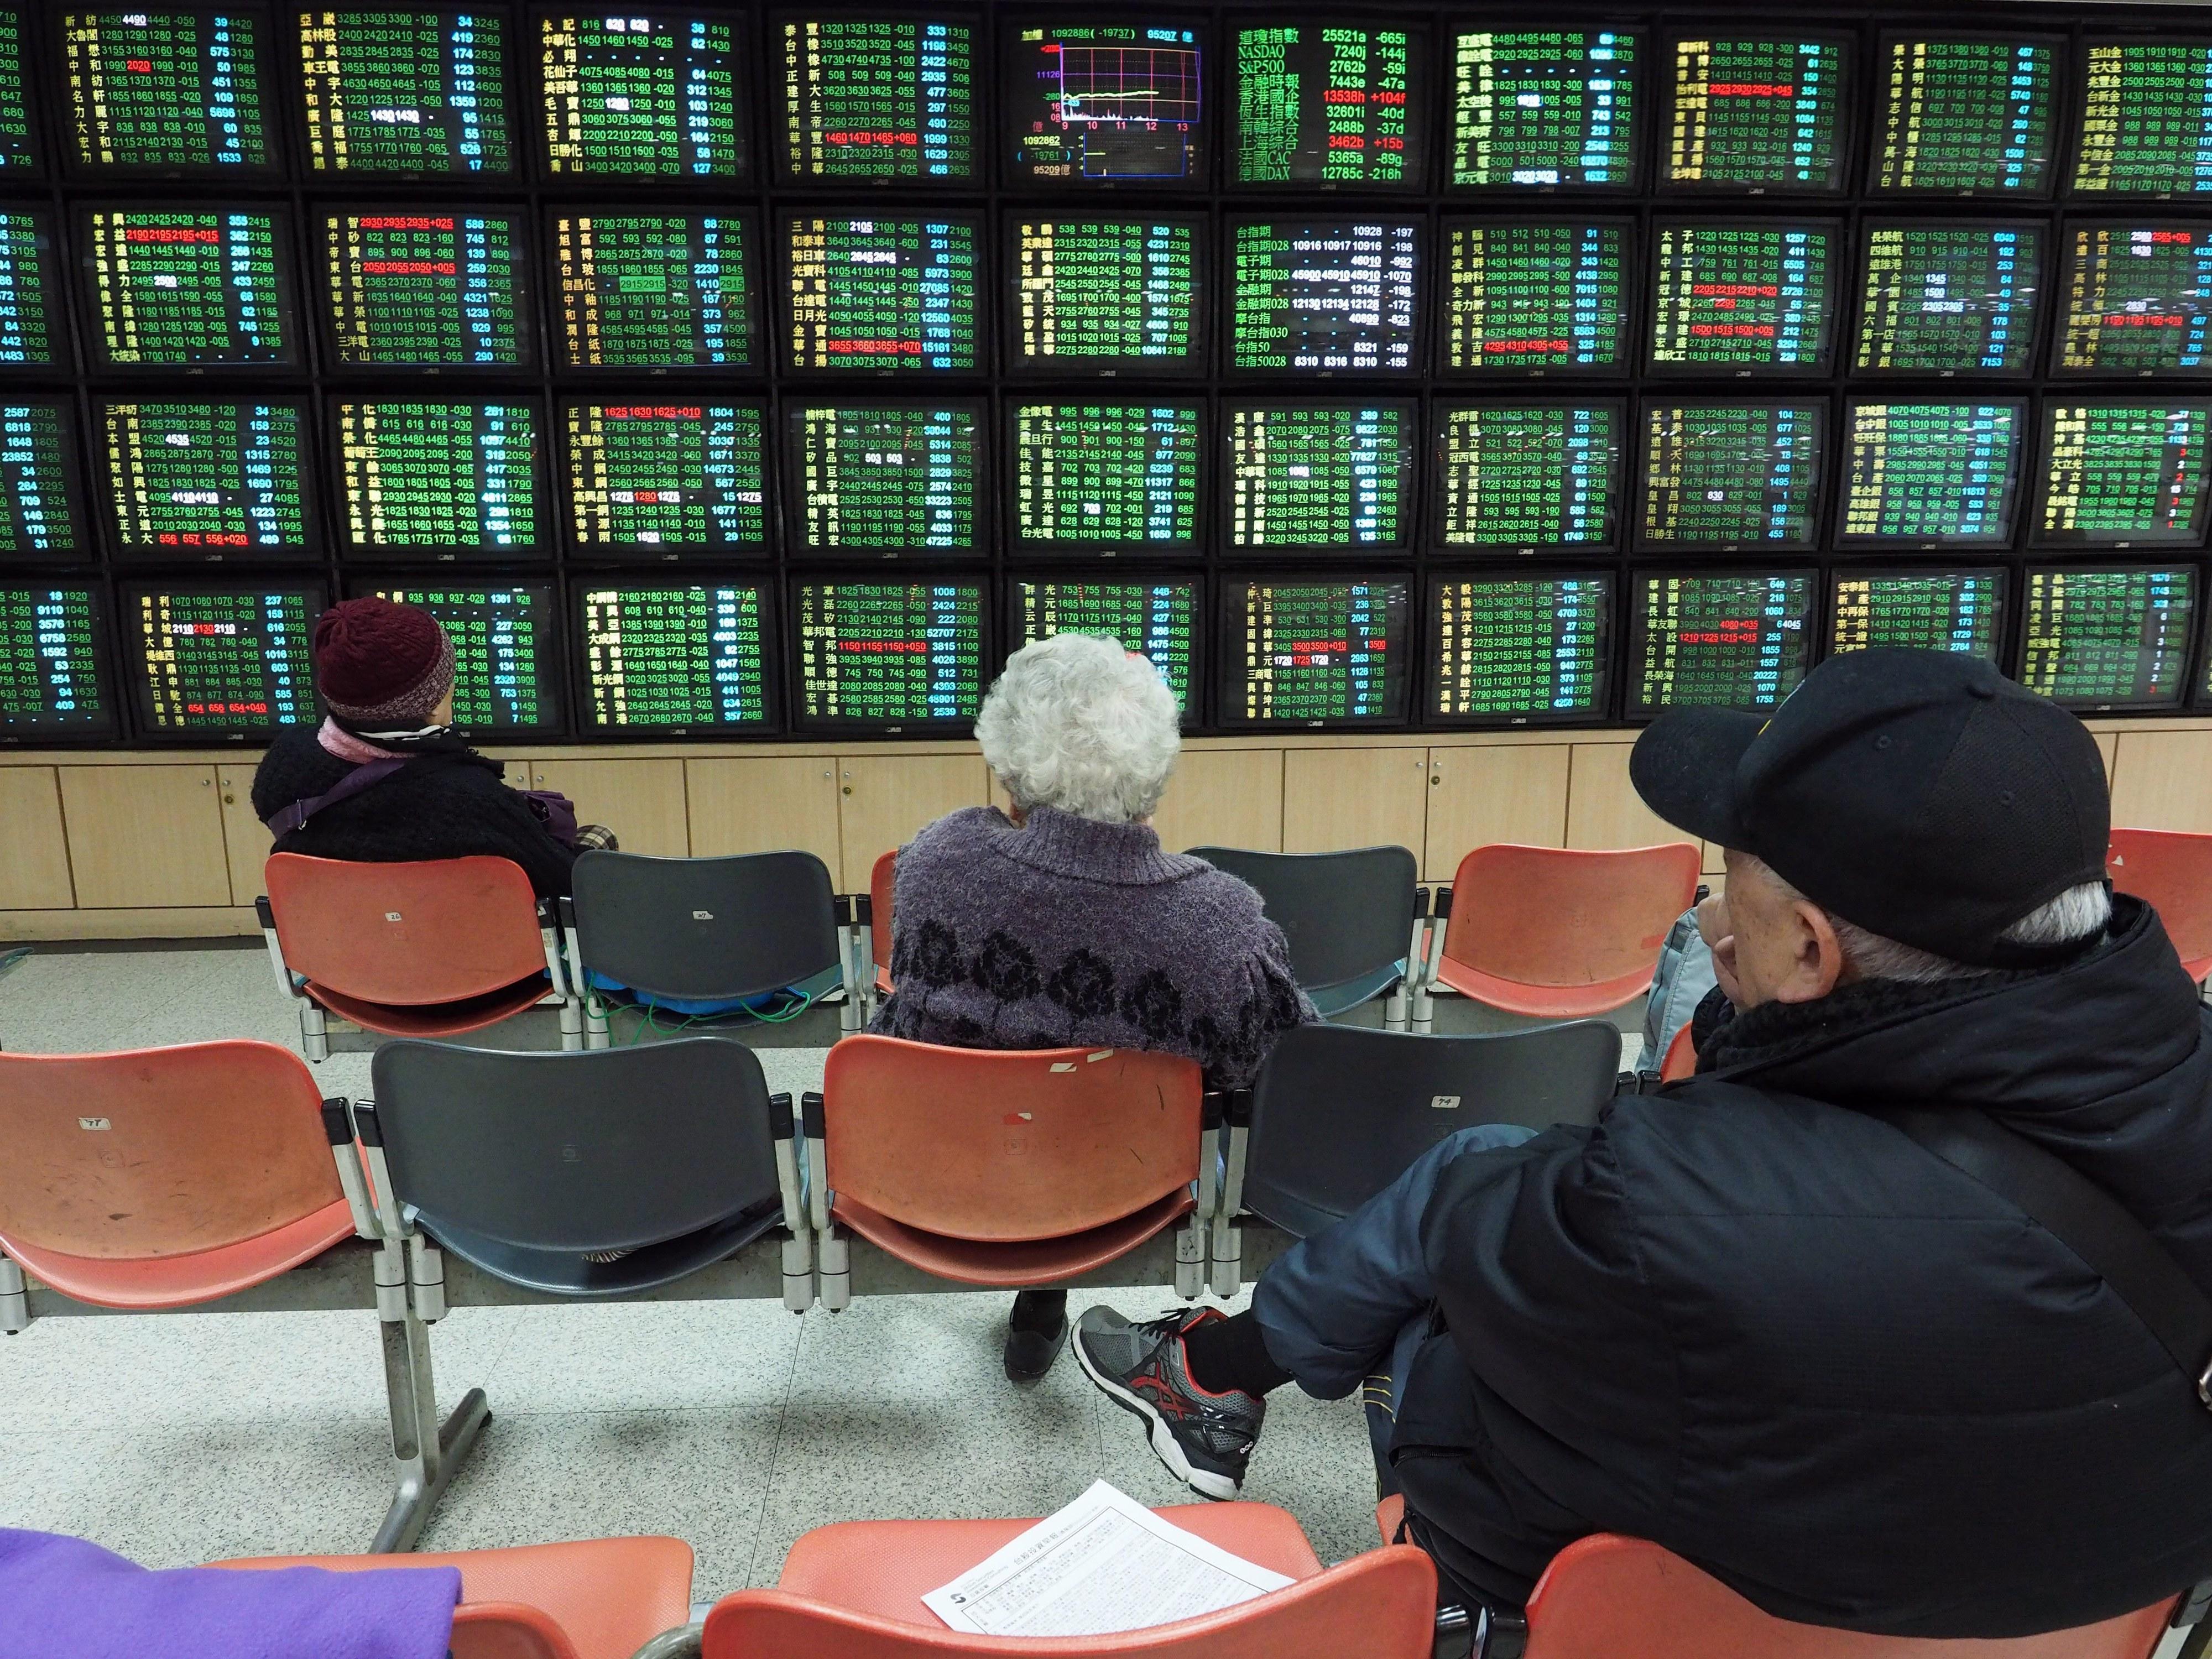 PSI20 segue rumo das bolsas europeias e sobe 0,76%